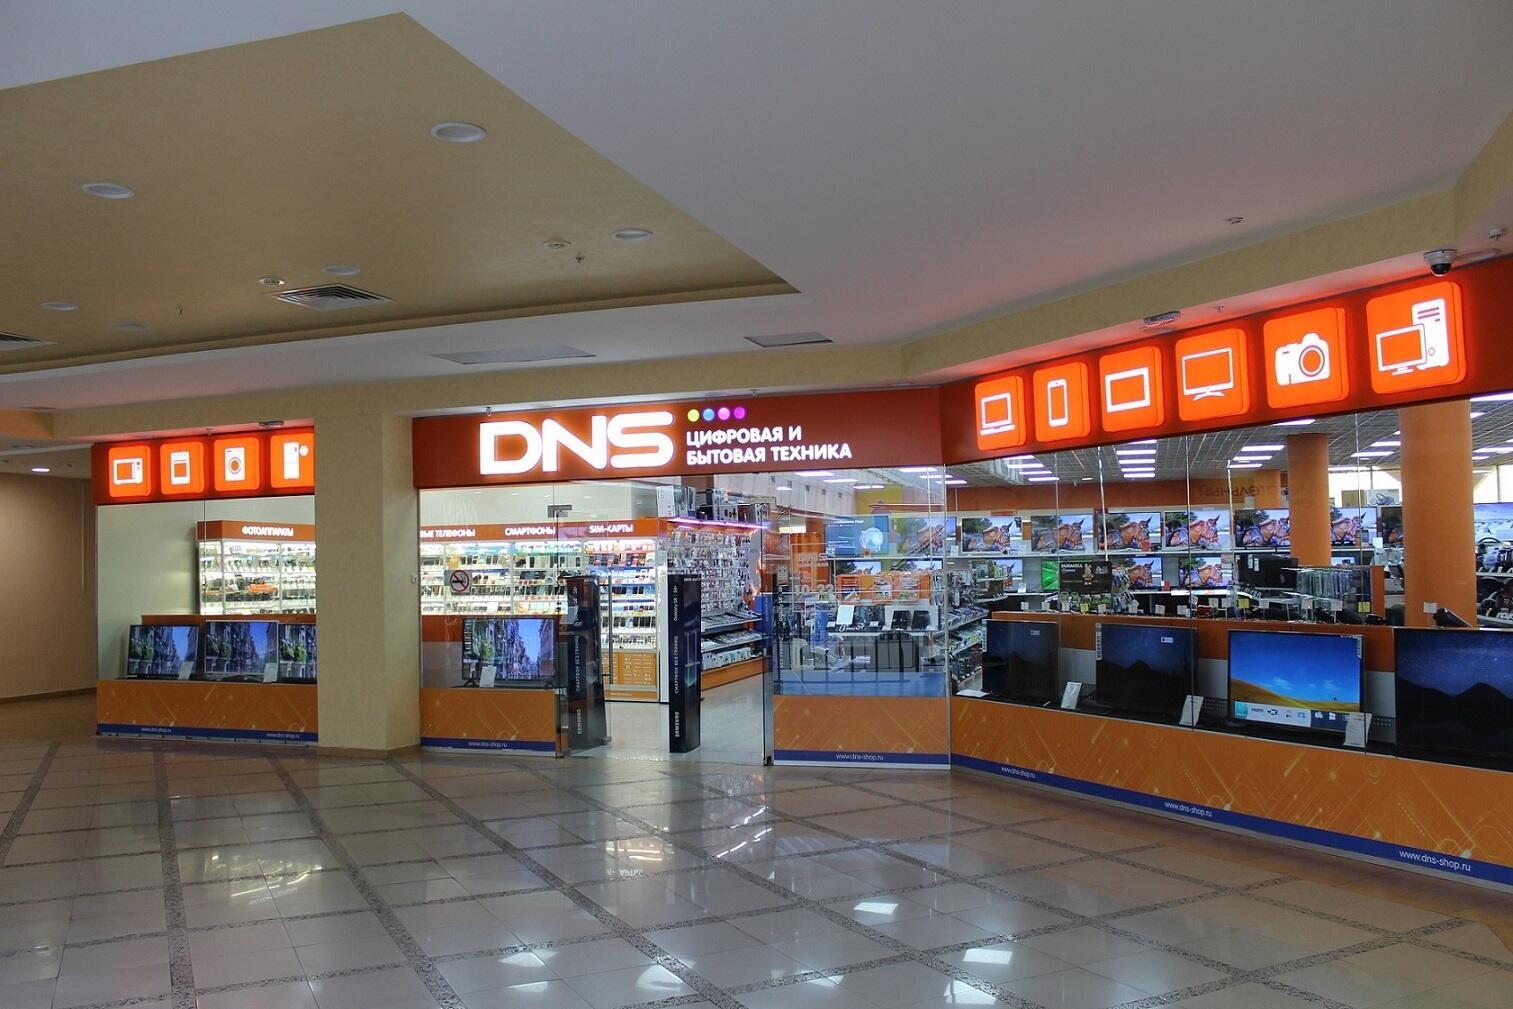 Курск – магазин DNS ТРЦ Пушкинский   адрес, телефон, часы работы ... dc811a803e5